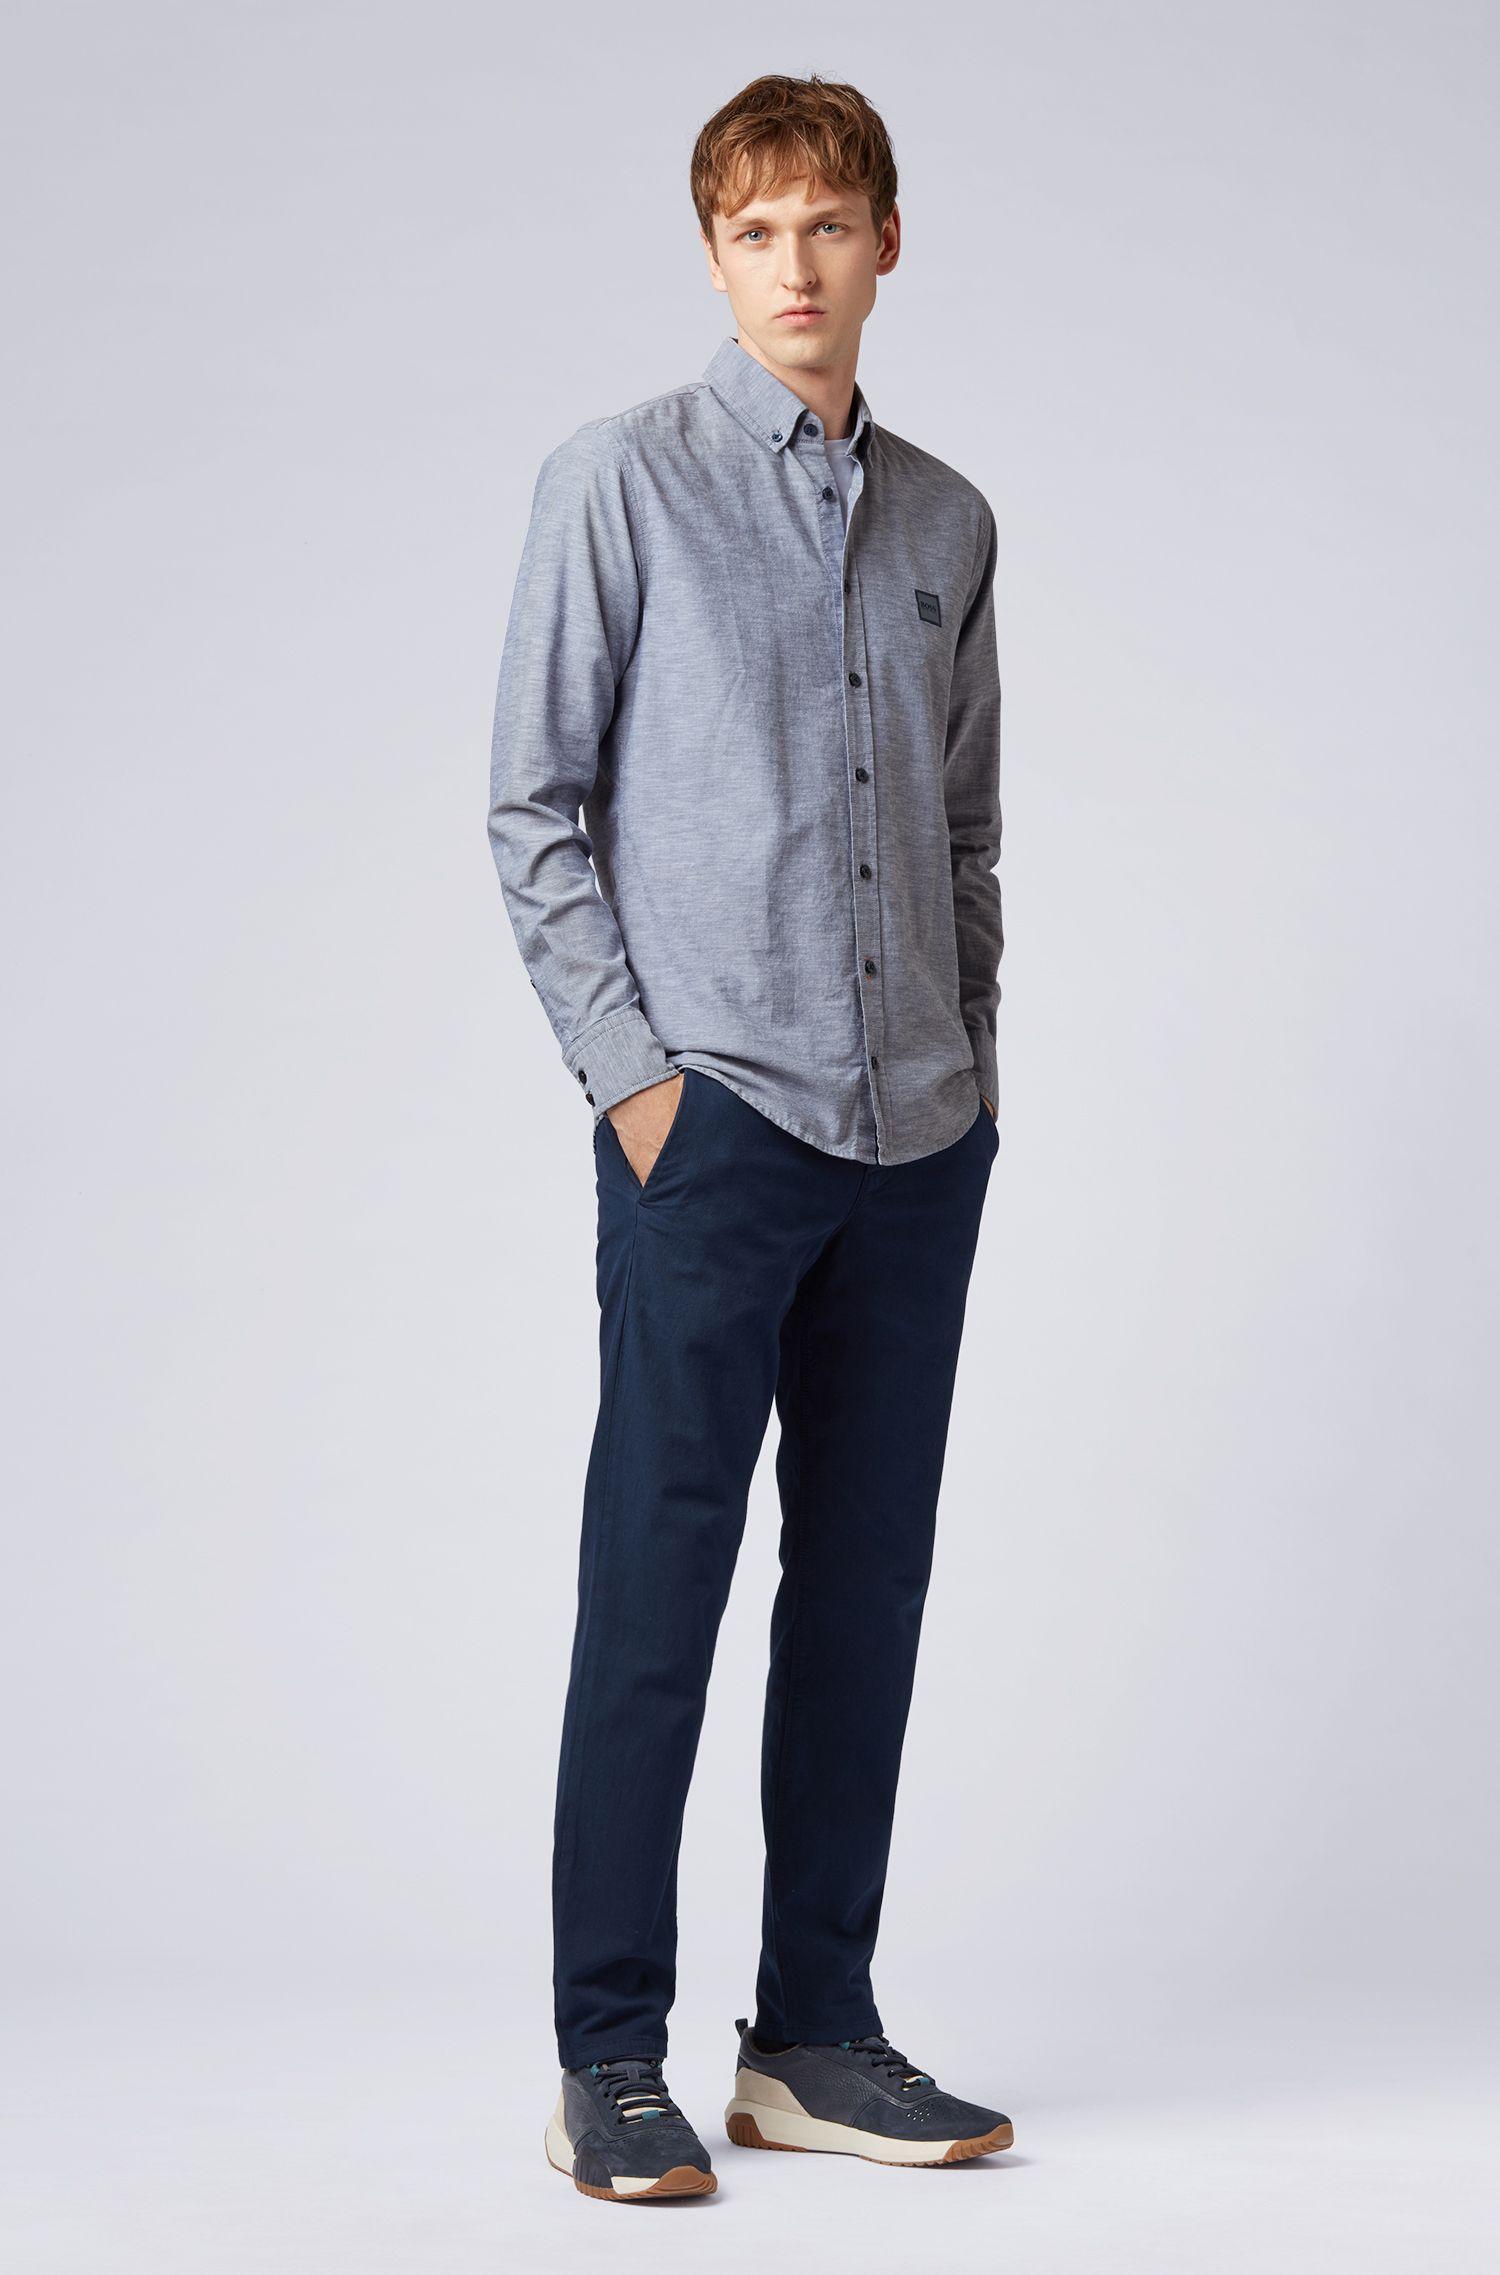 Camicia slim fit con colletto button-down in cotone manopesca, Blu scuro